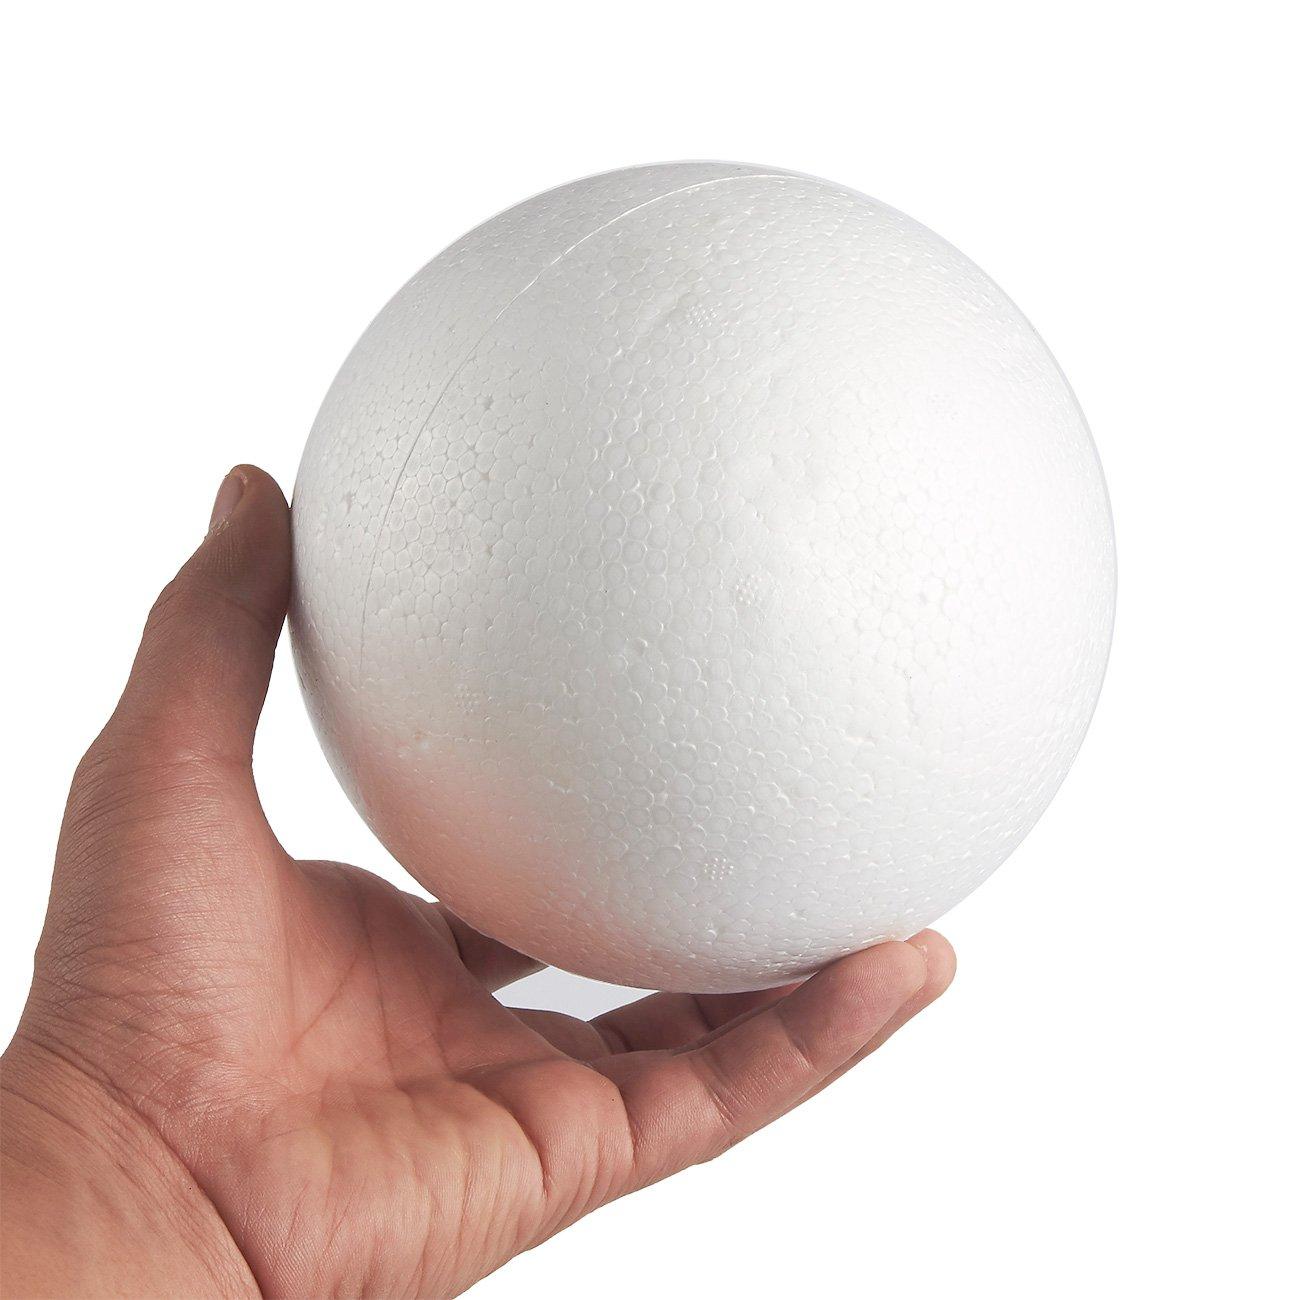 Juvale Craft Balles en mousse–2-pack Large sans rond en mousse de polystyrène Balles Art Craft Utilisation–rend la DIY Ornaments projets décole–Blanc mariage 15cm de diamètre 4336861734 Science modelage Décor